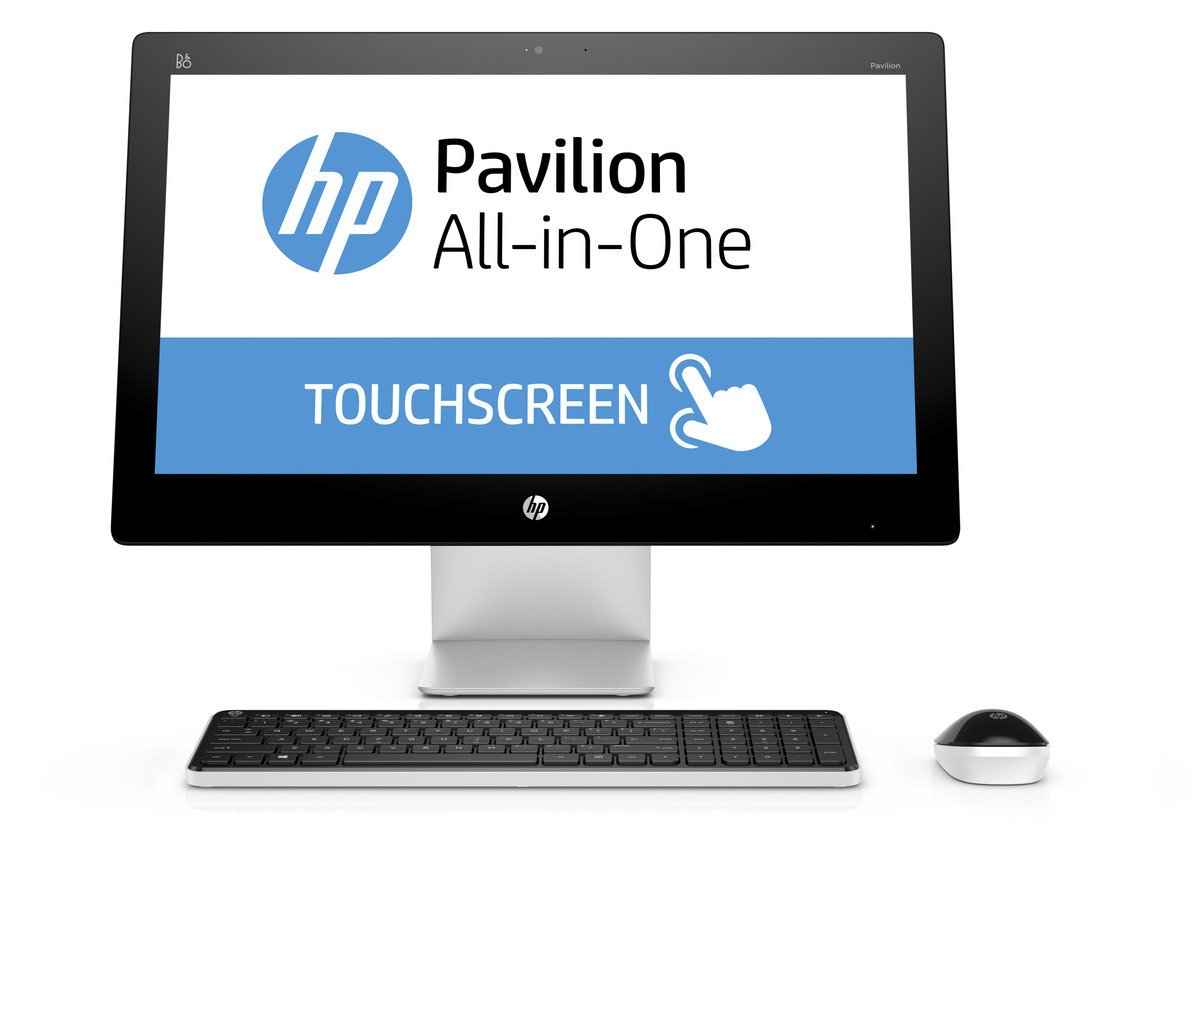 HP Pavilion 23-q085hk 一體式電腦+耳機+無線藍芽揚聲器套裝